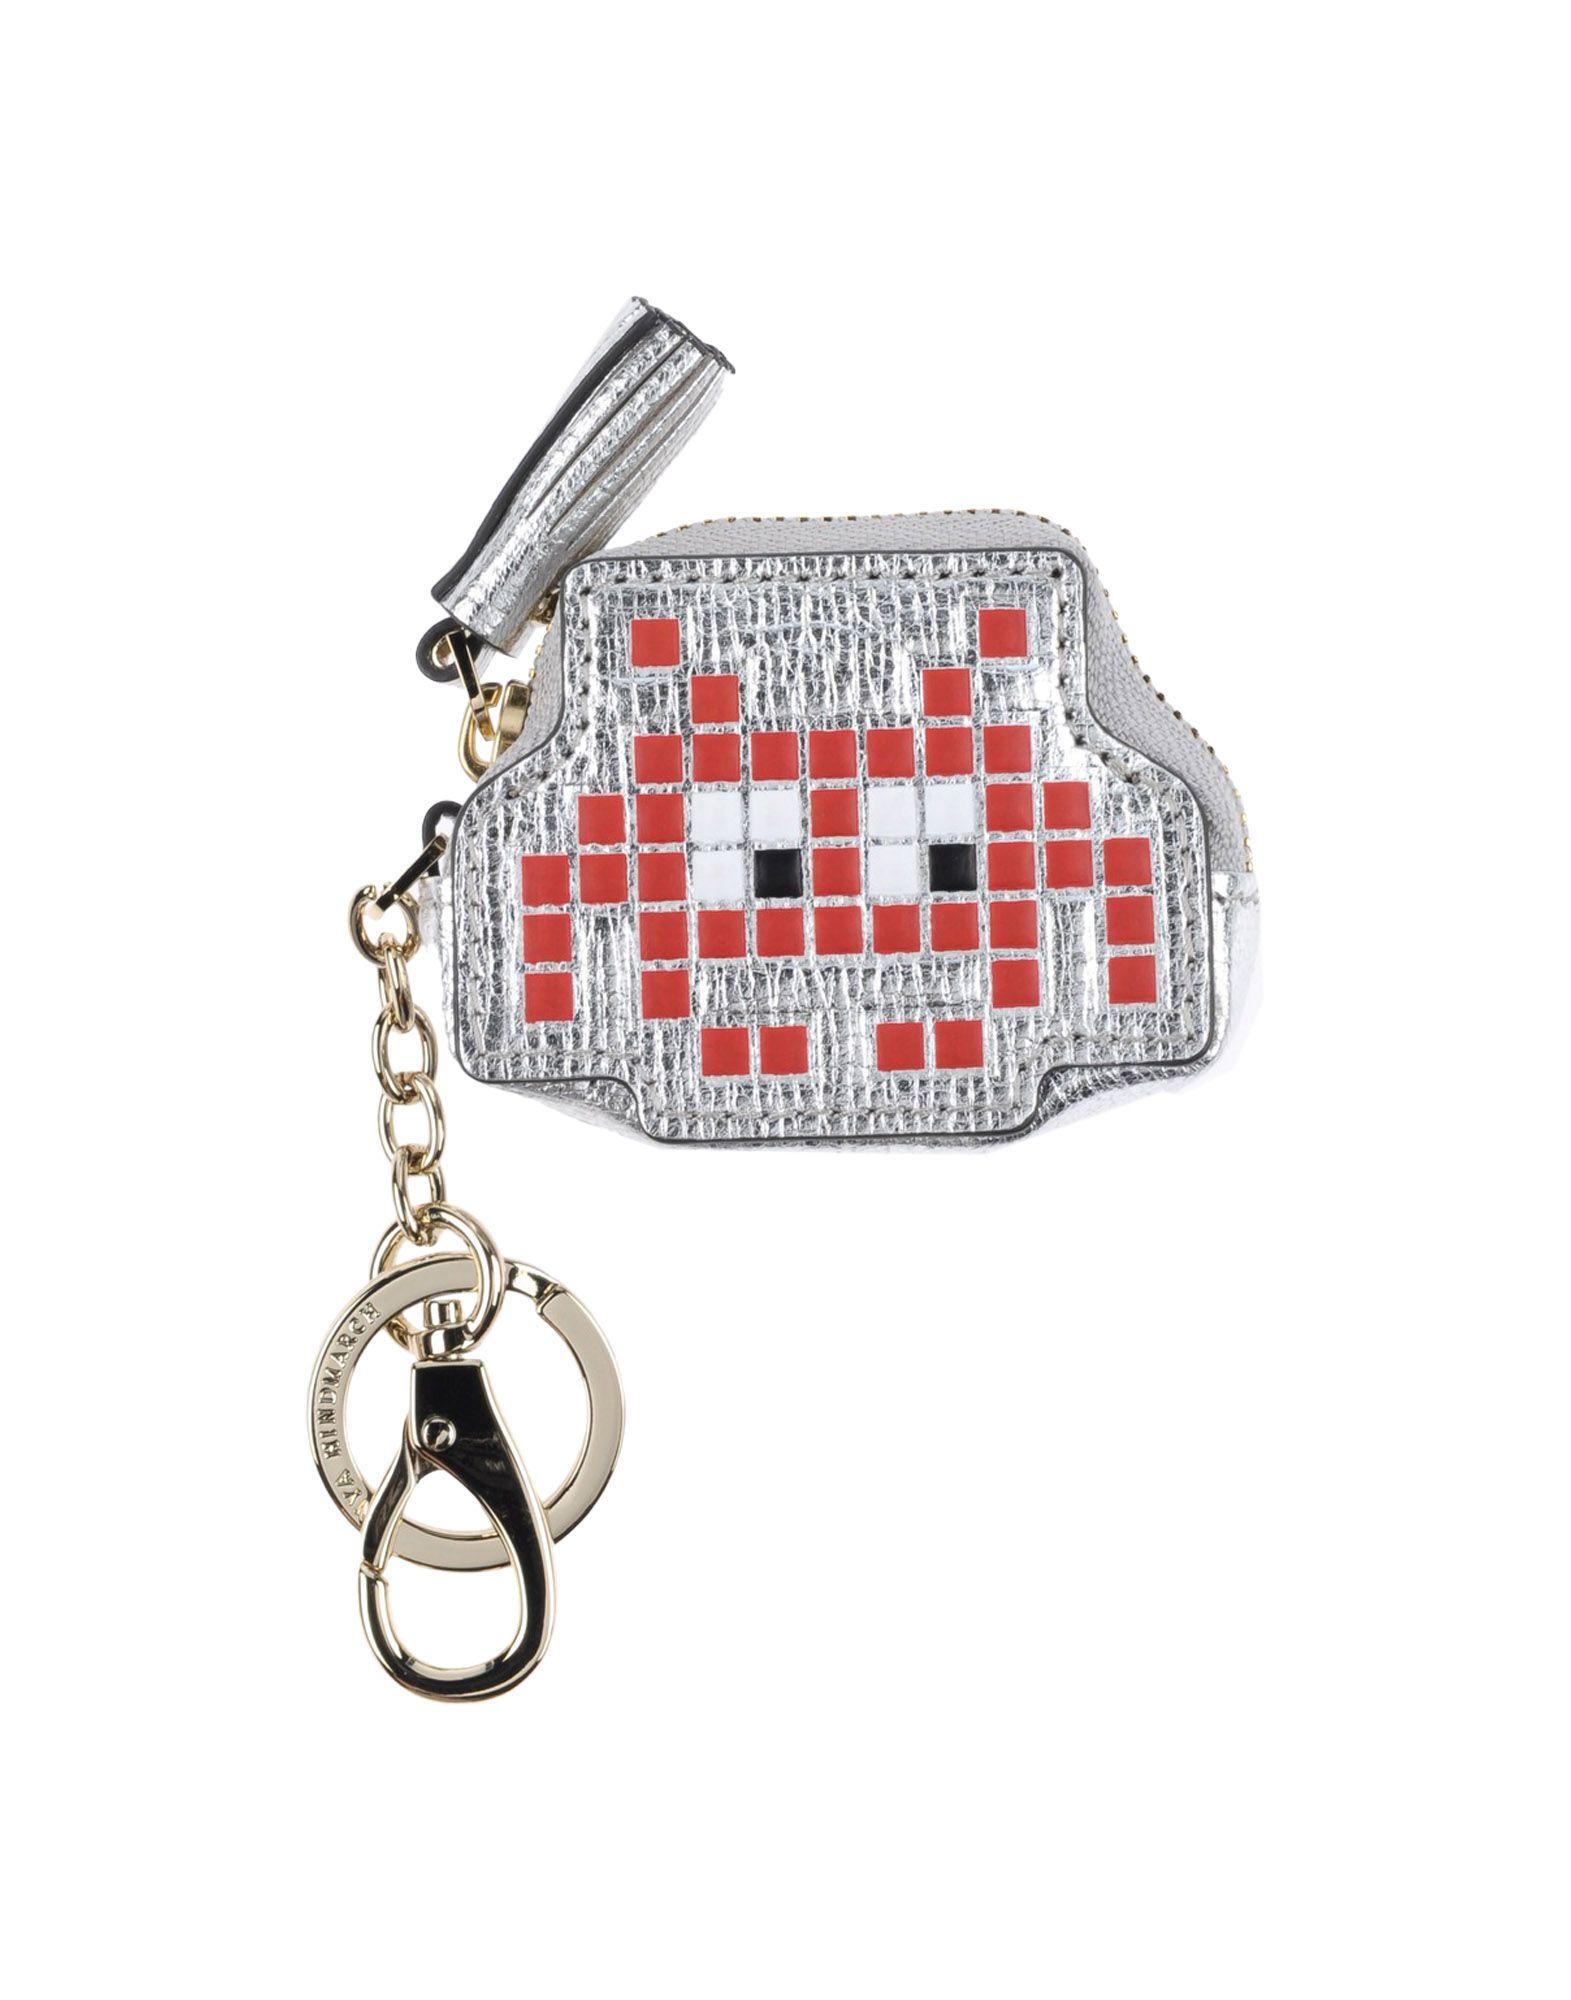 ANYA HINDMARCH Кошелек для монет pink dandelion design кожа pu откидной крышки кошелек для карты держатель для samsung j5prime